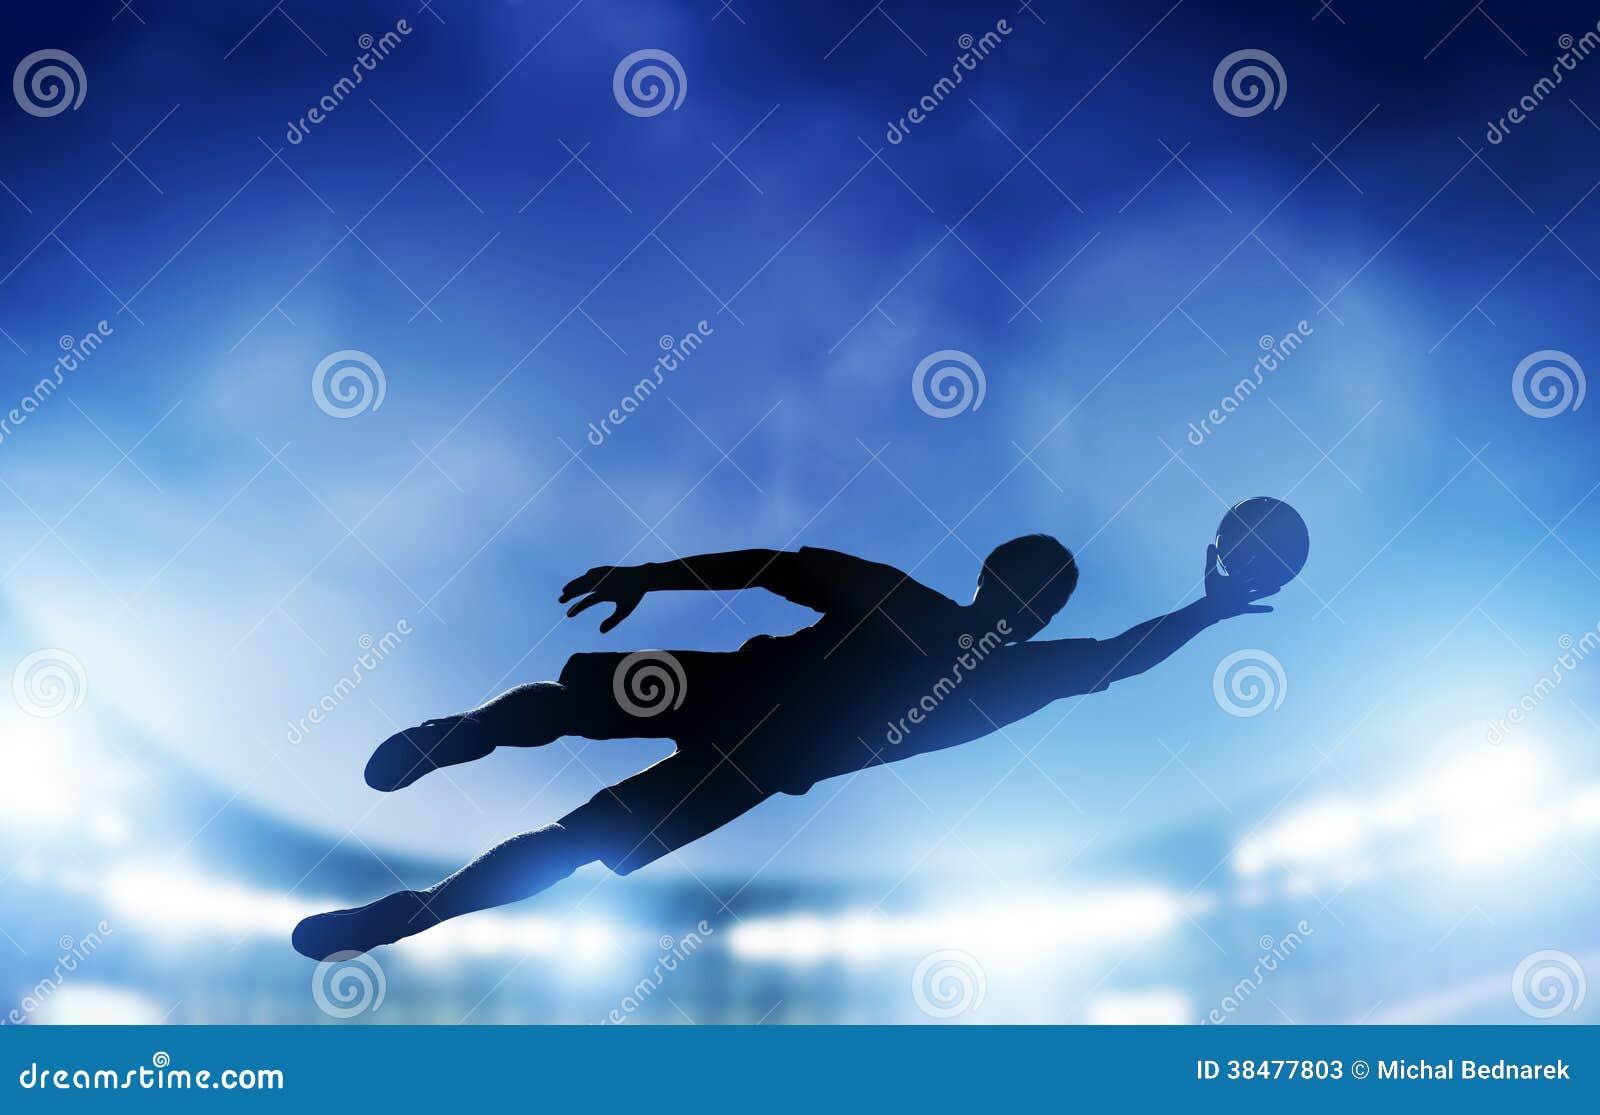 Fútbol, partido de fútbol. Un portero que salta ahorrando la bola de meta